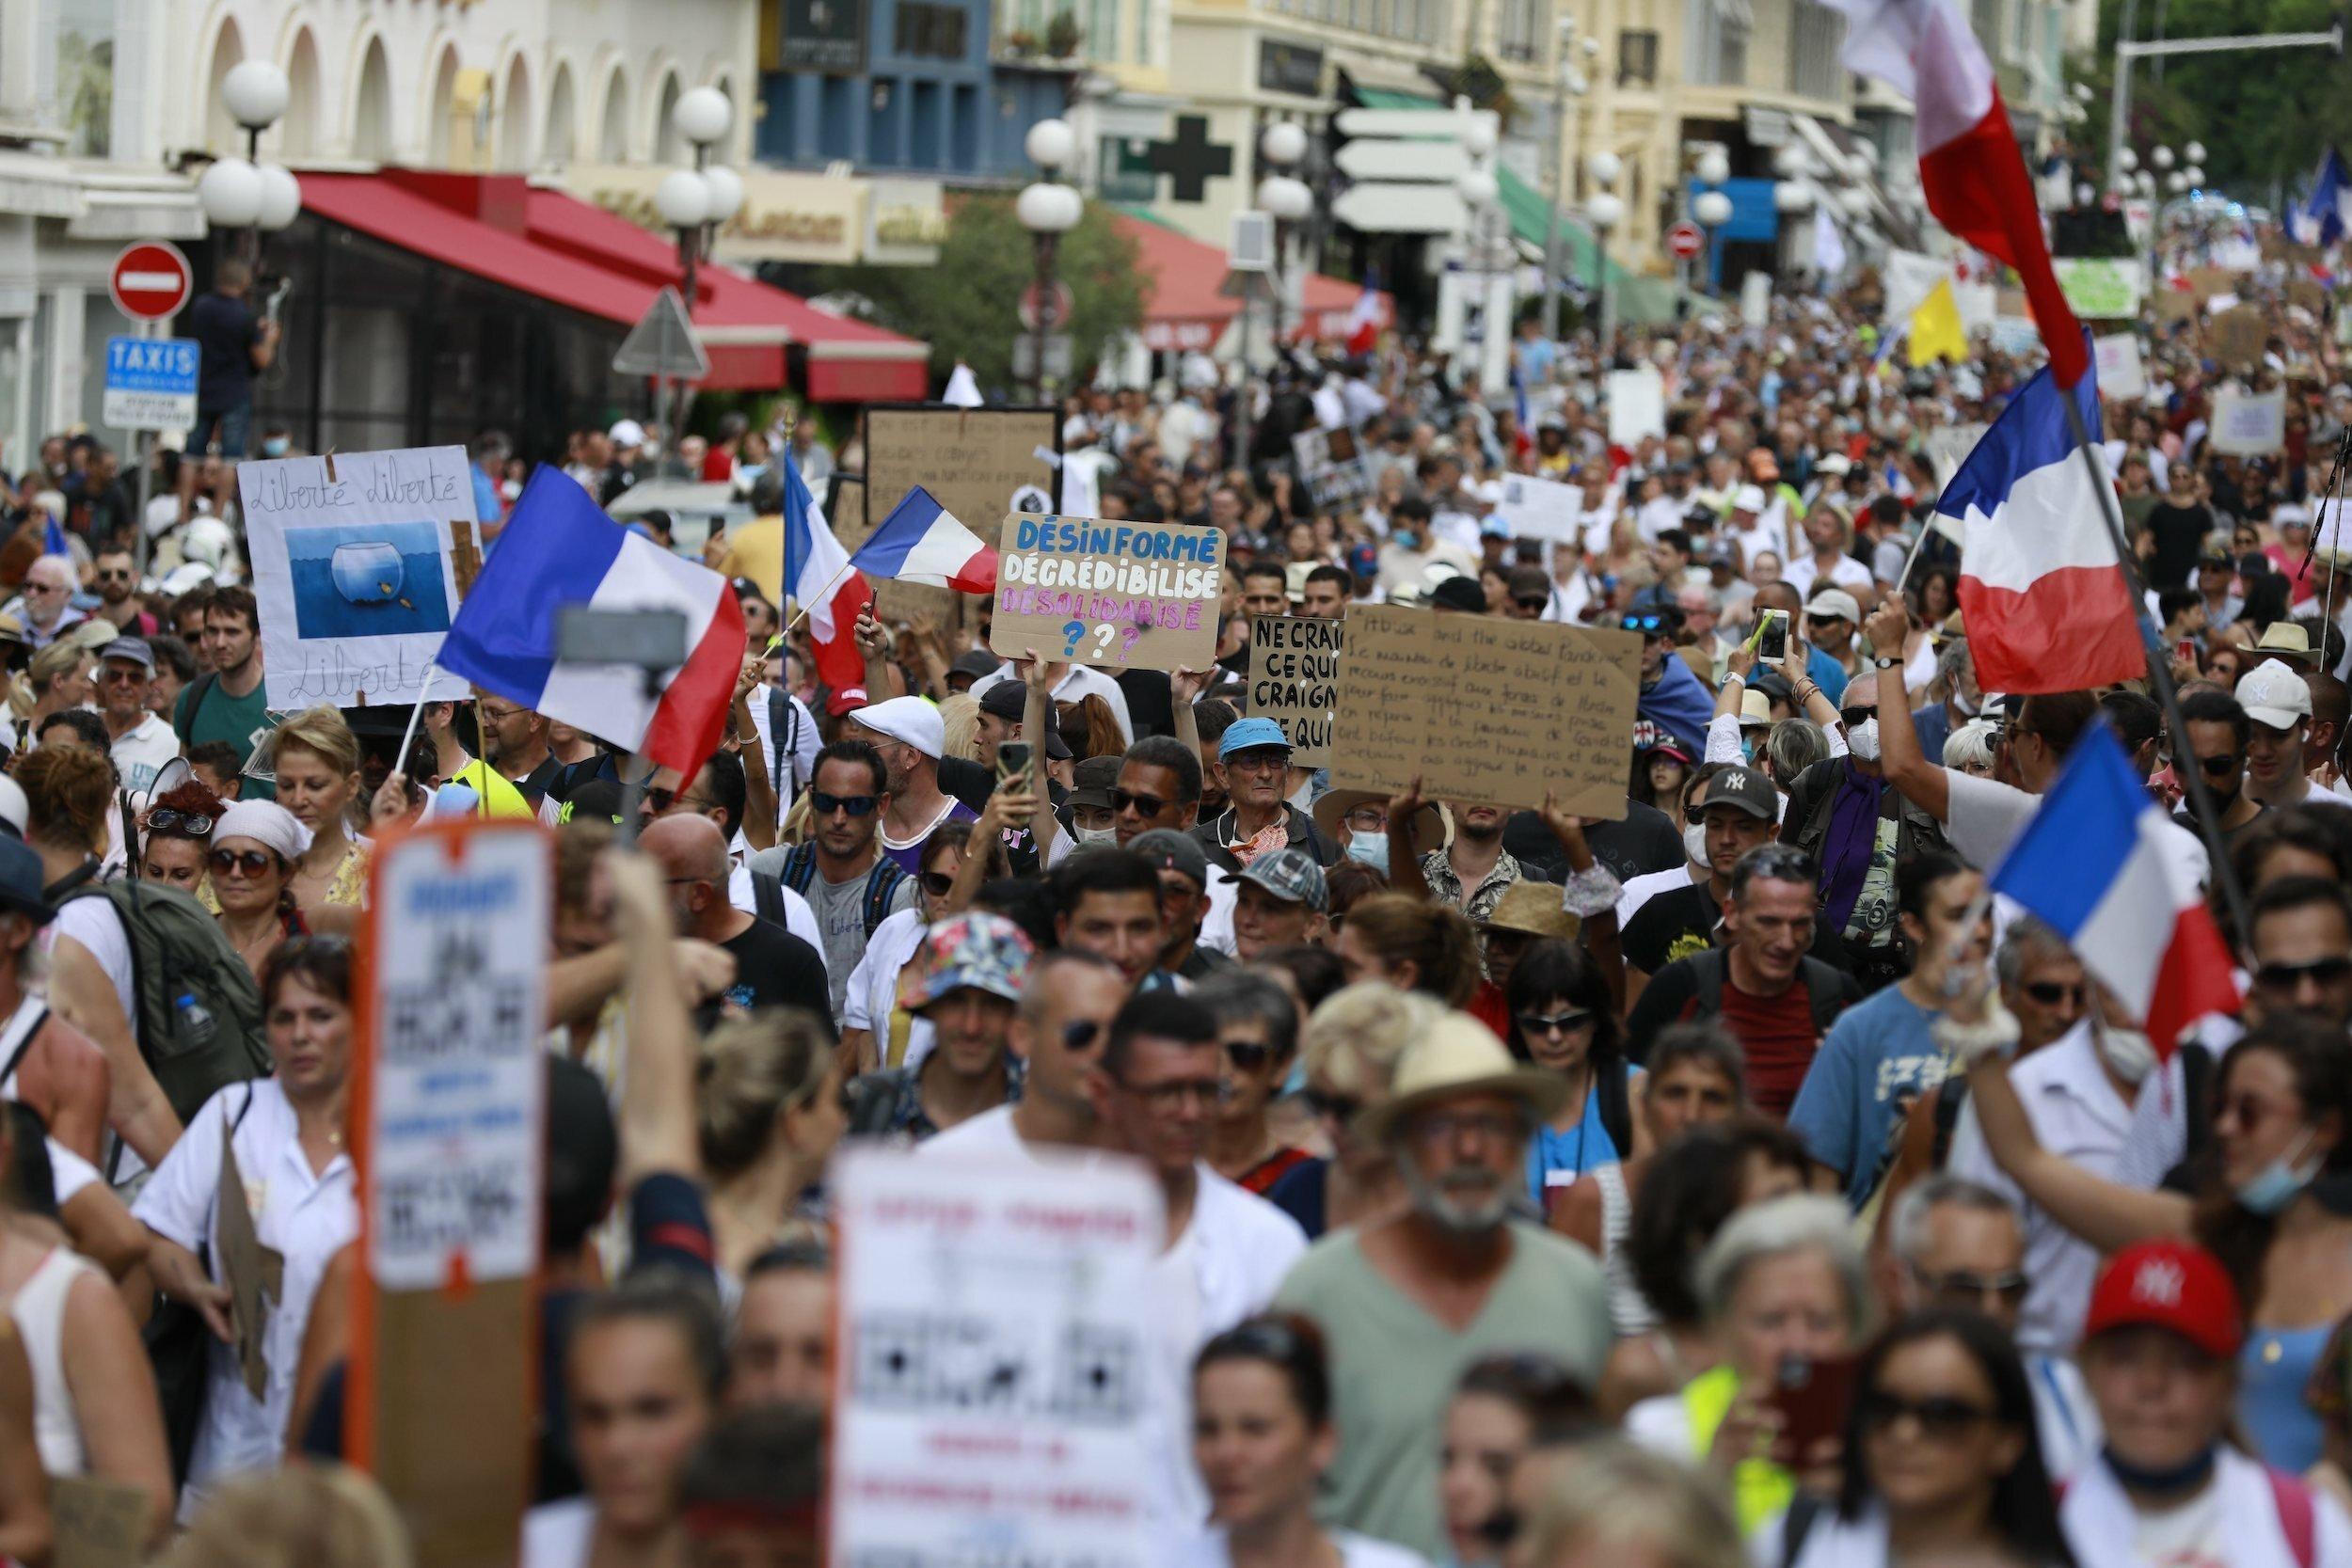 Eine Menschenmenge weitgehend ohne Maske bewegt sich durch die Straße, mit vielen handgemalten Plakaten